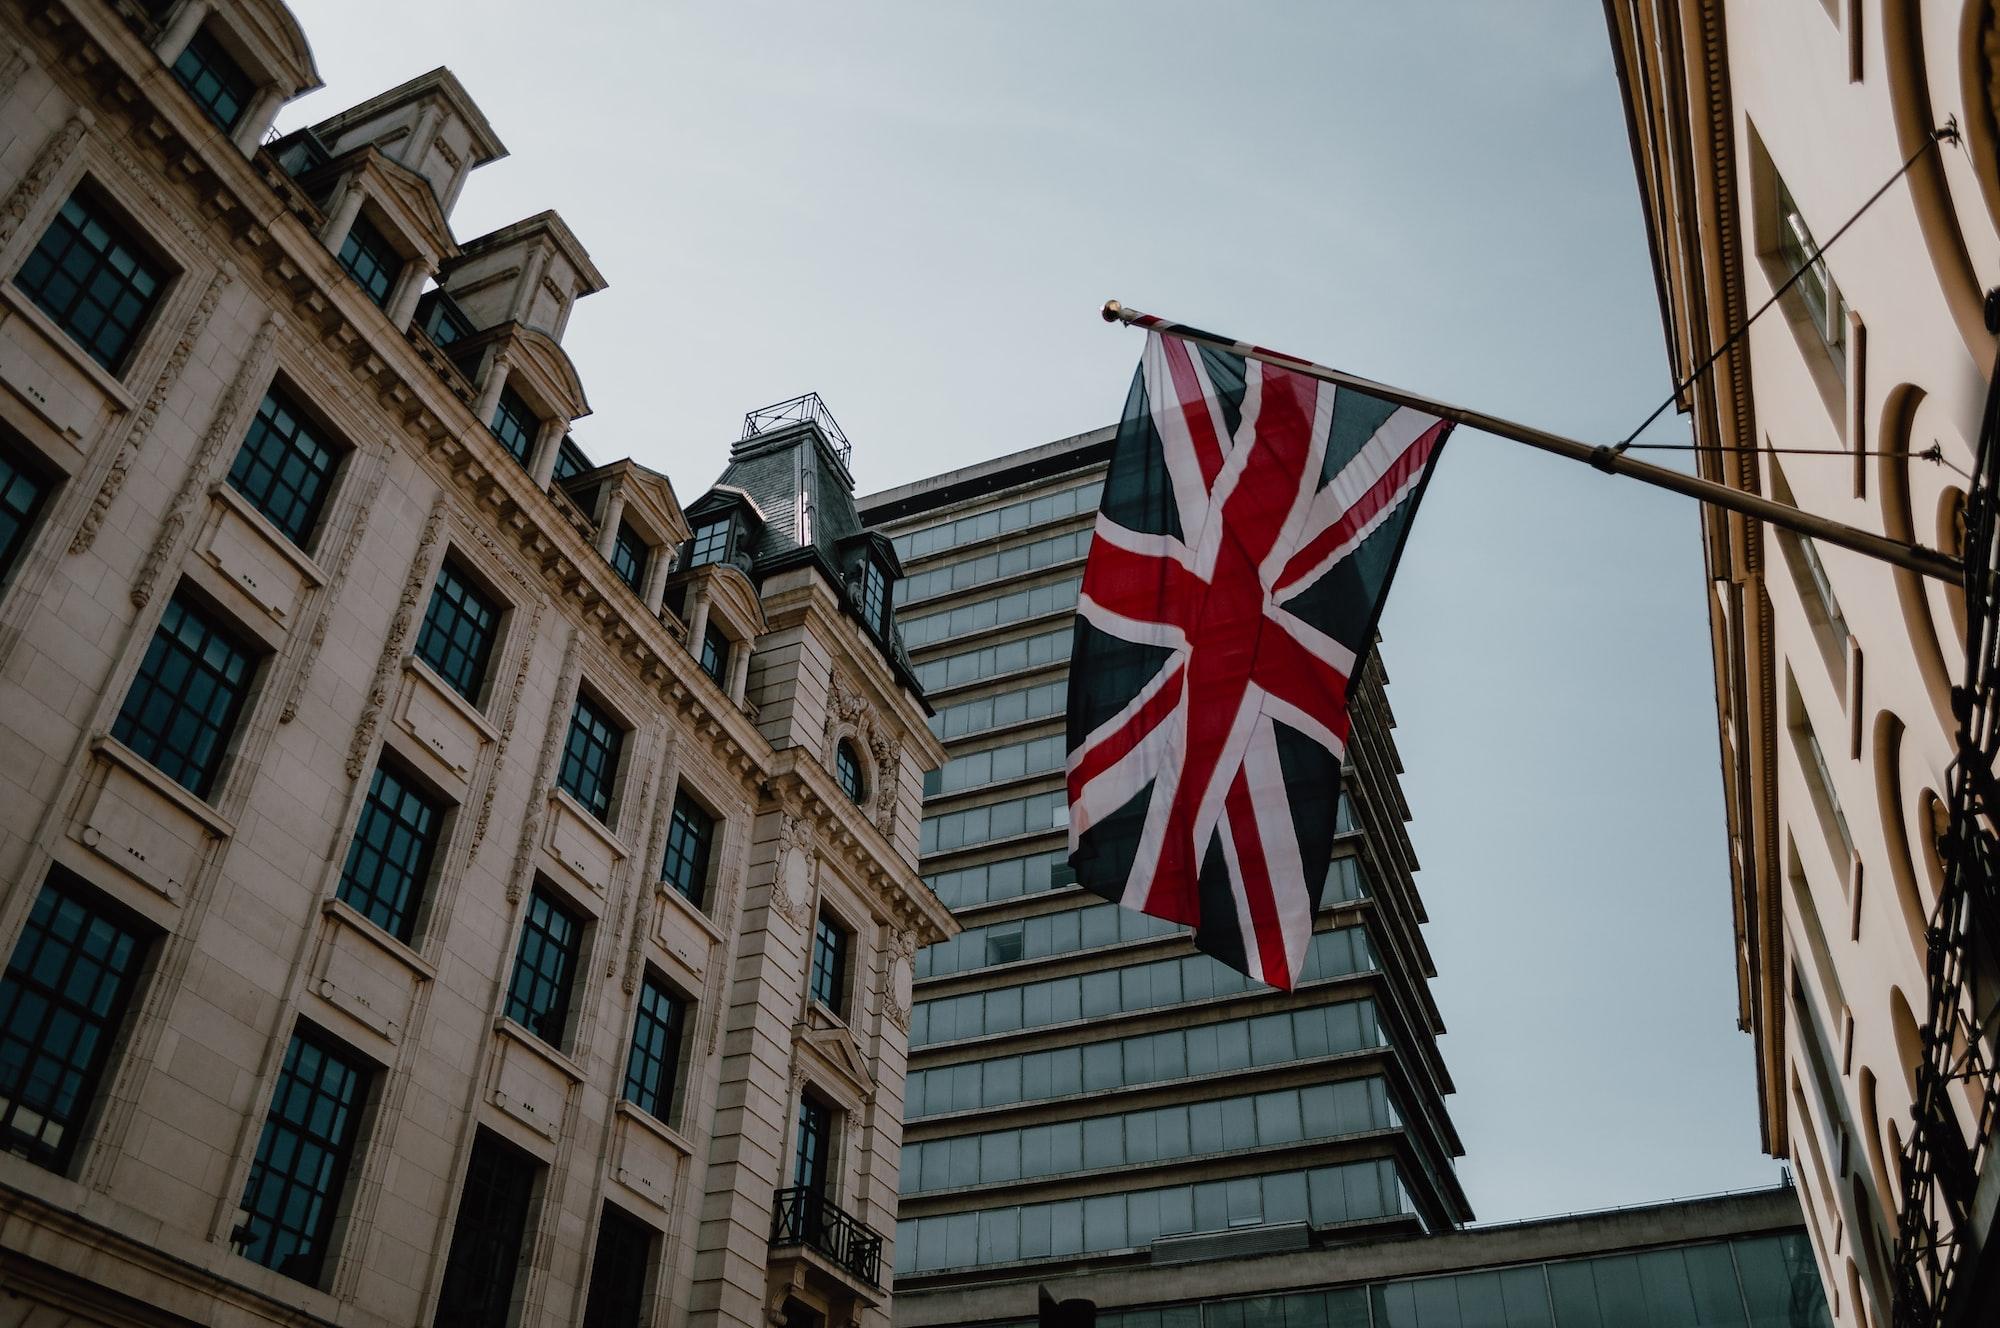 ธนาคารกลางของอังกฤษซุ่มทำโครงการ CBDC อย่างต่อเนื่อง